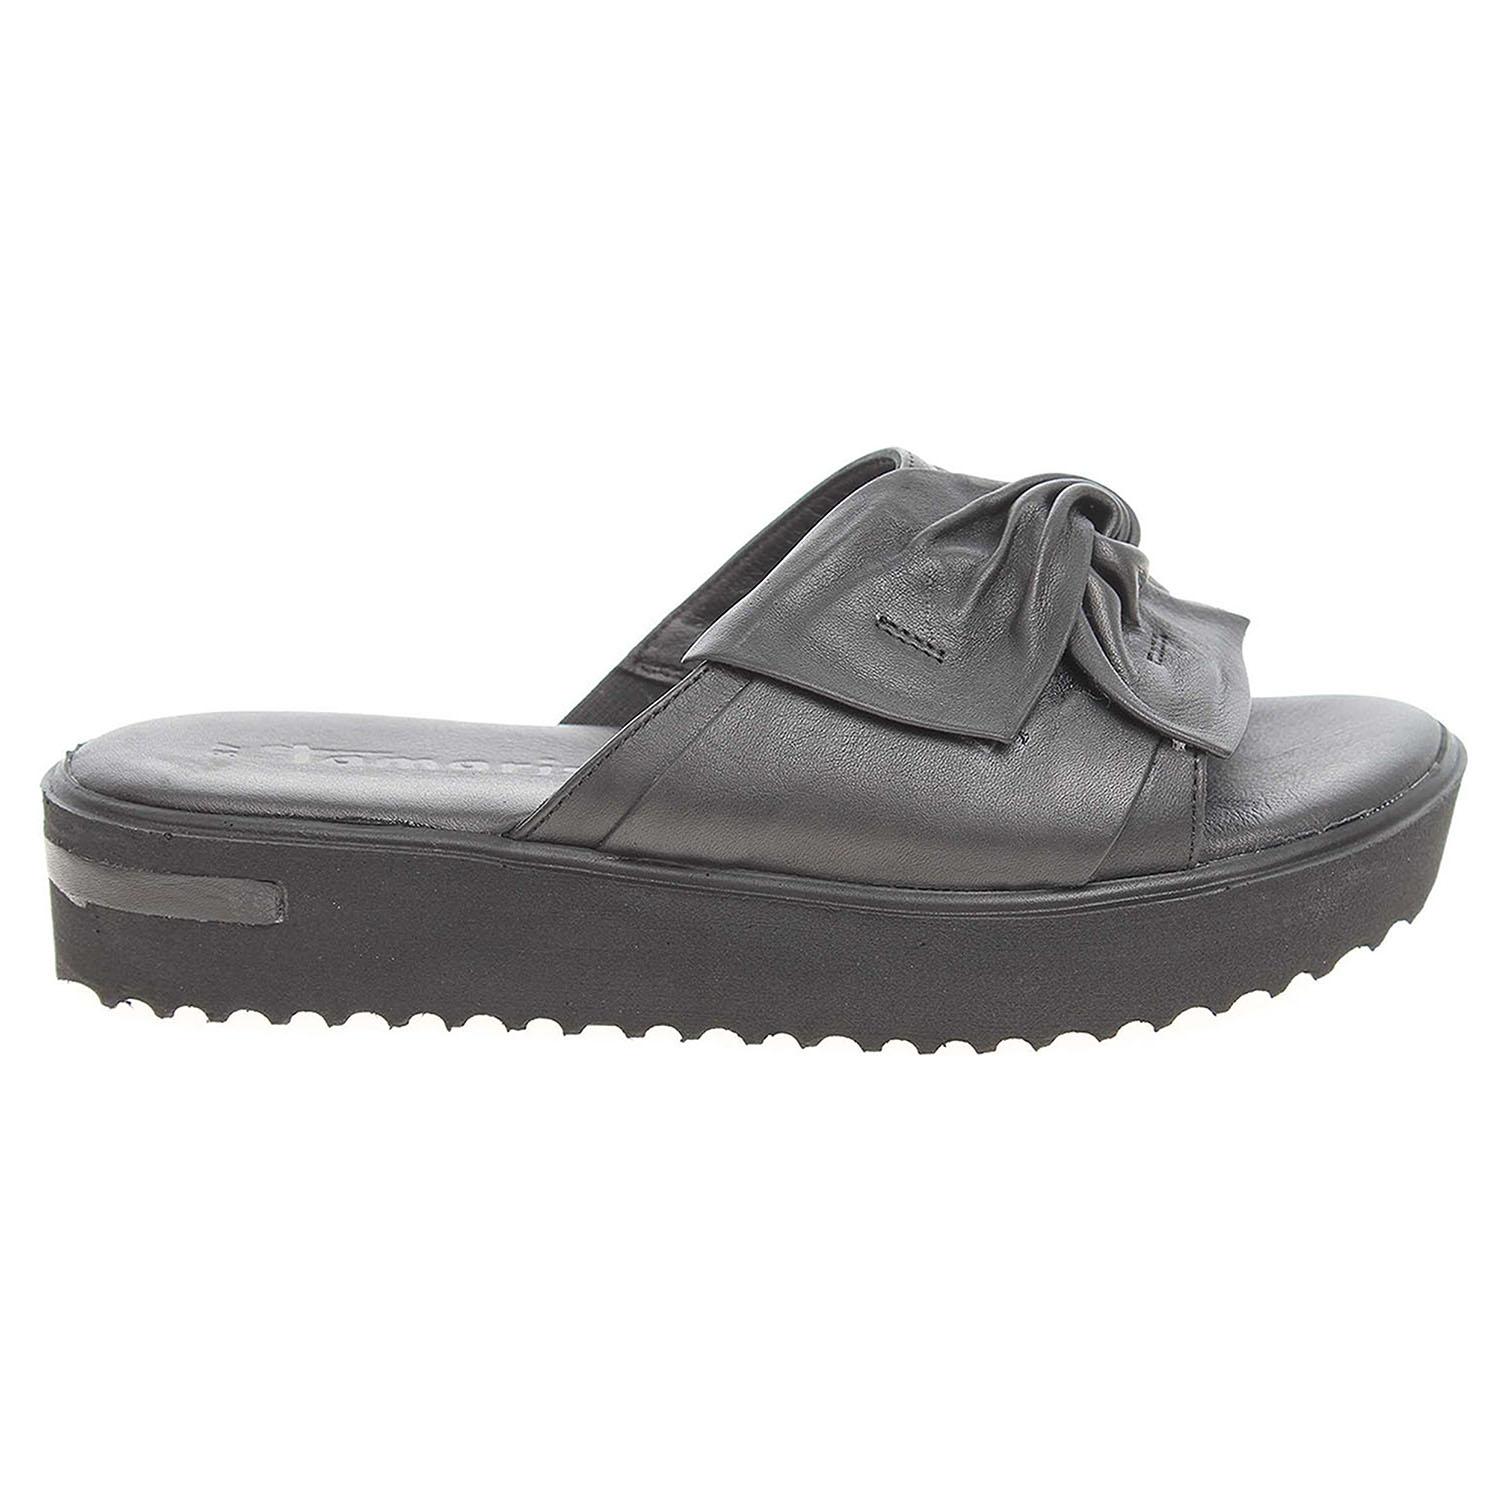 Ecco Tamaris dámské pantofle 1-27213-28 černé 23600771